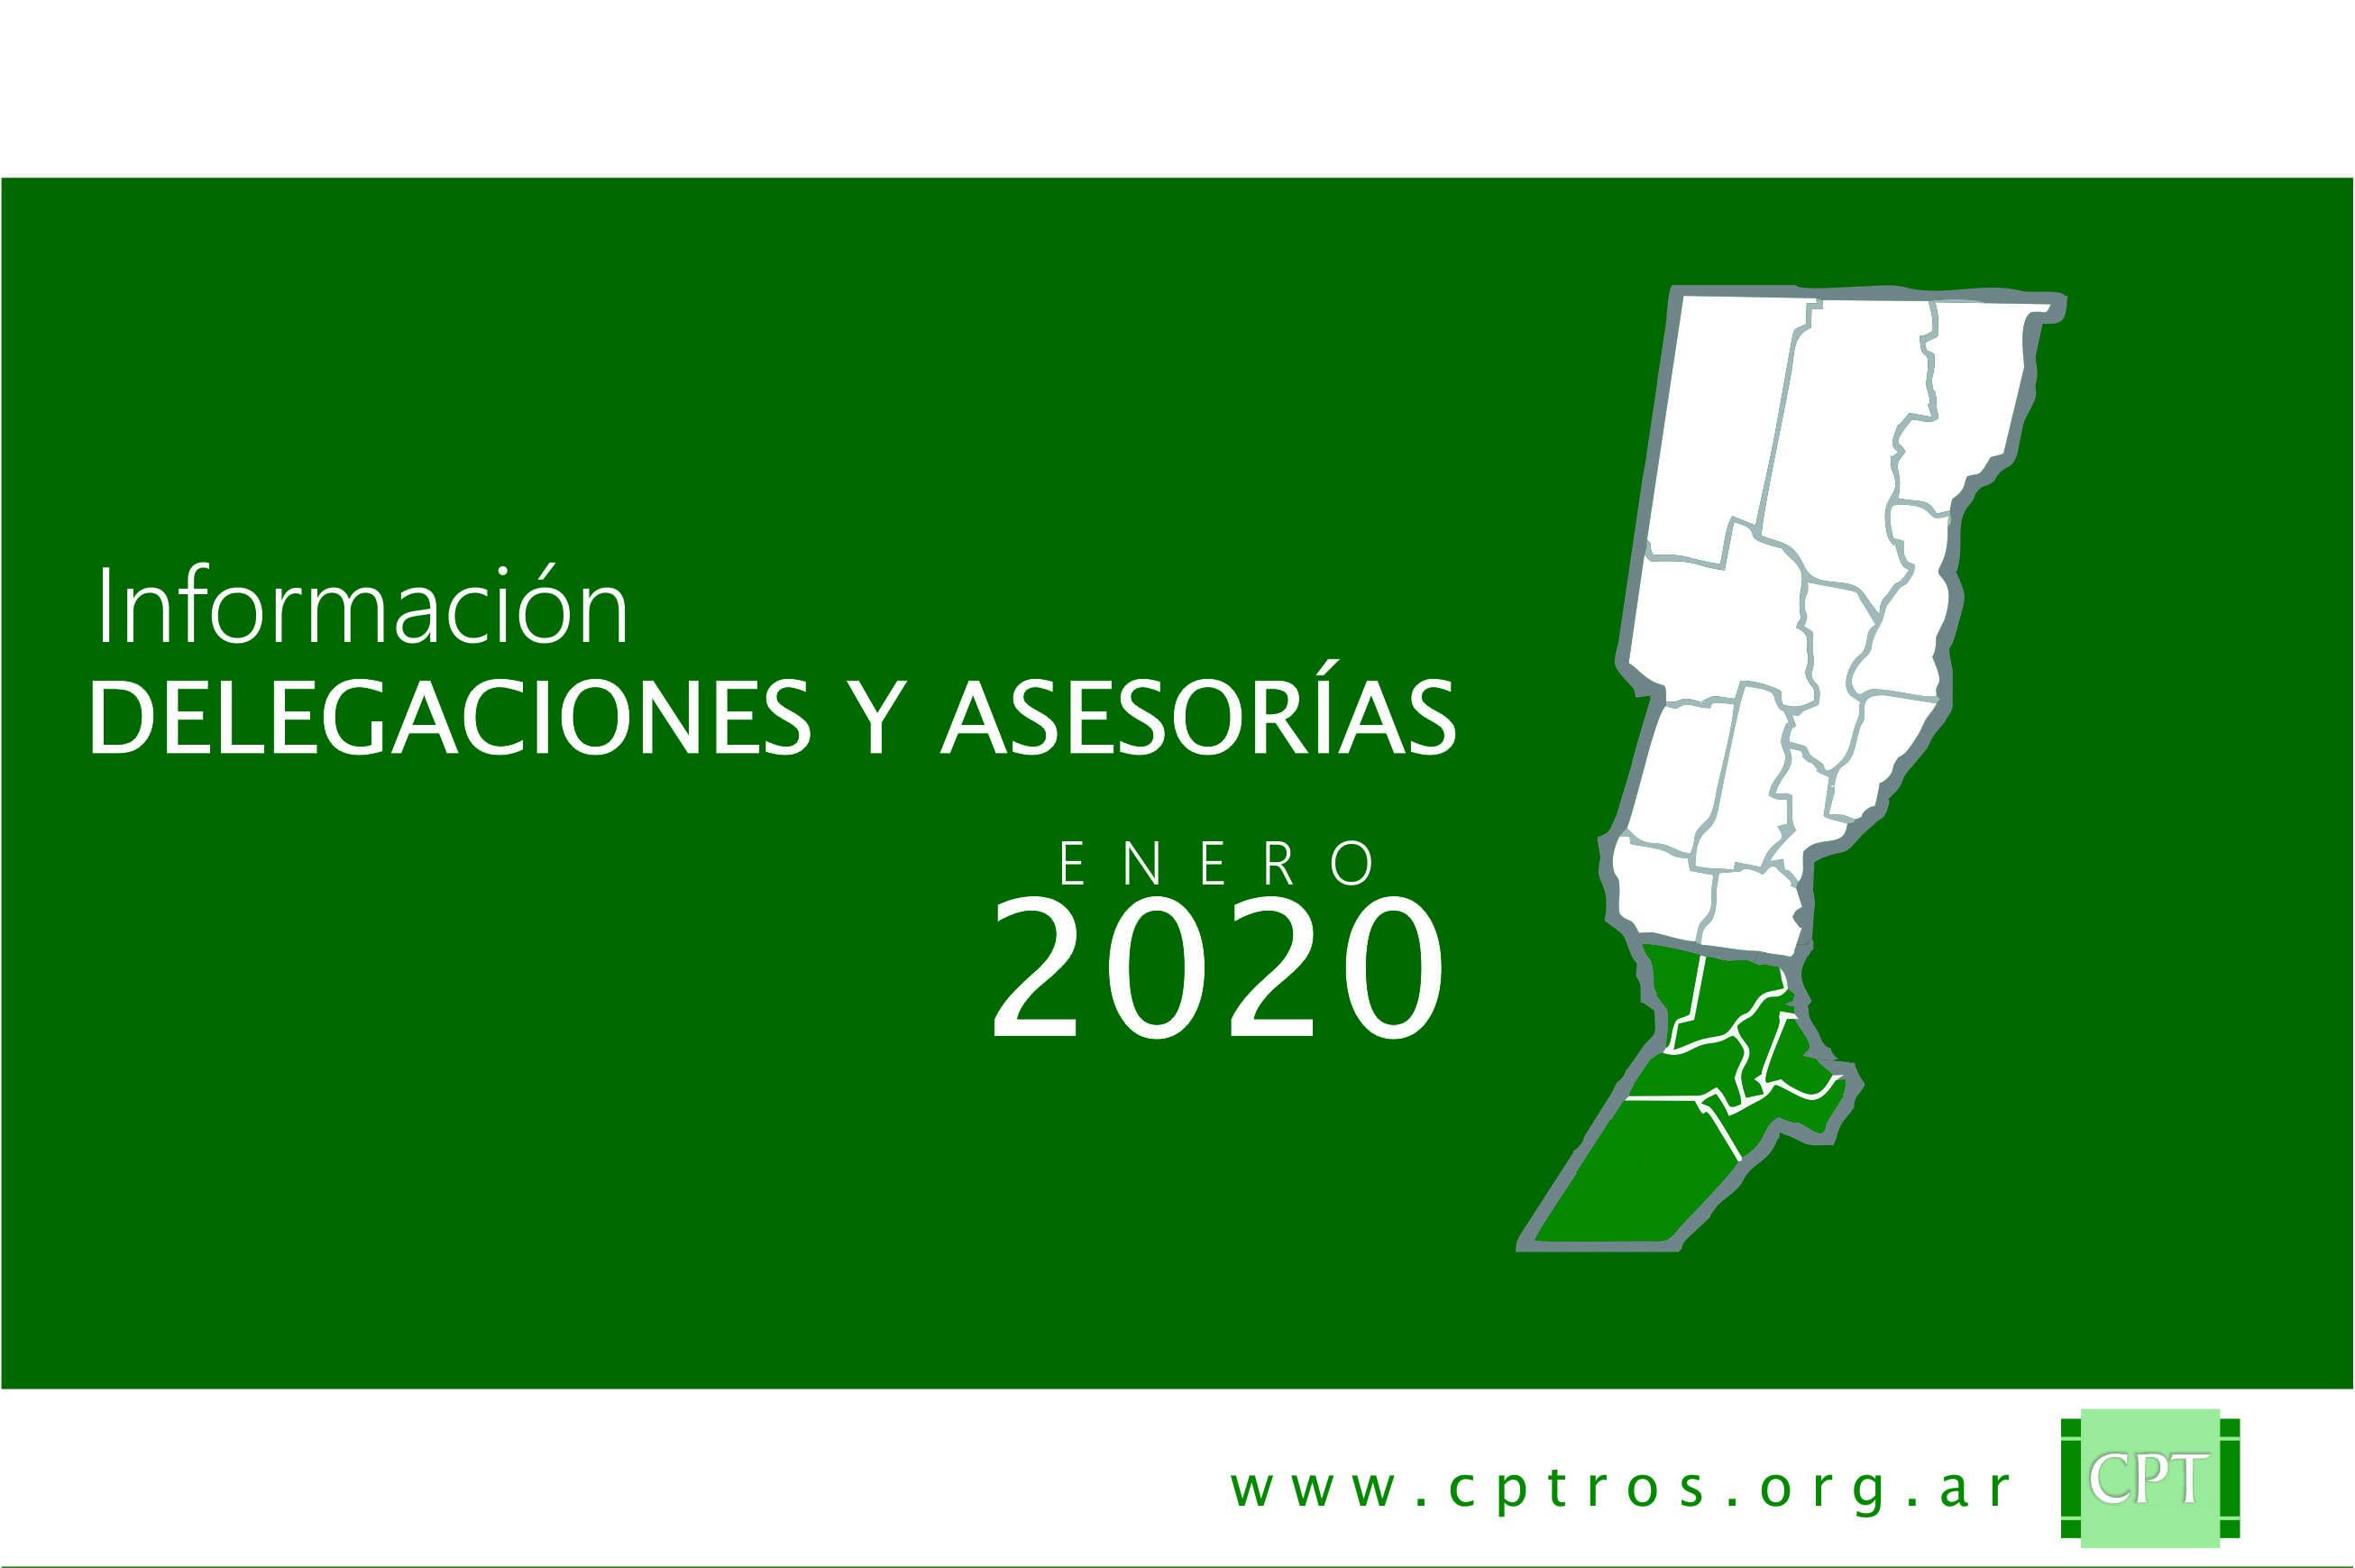 ATENCIÓN ENERO 2020